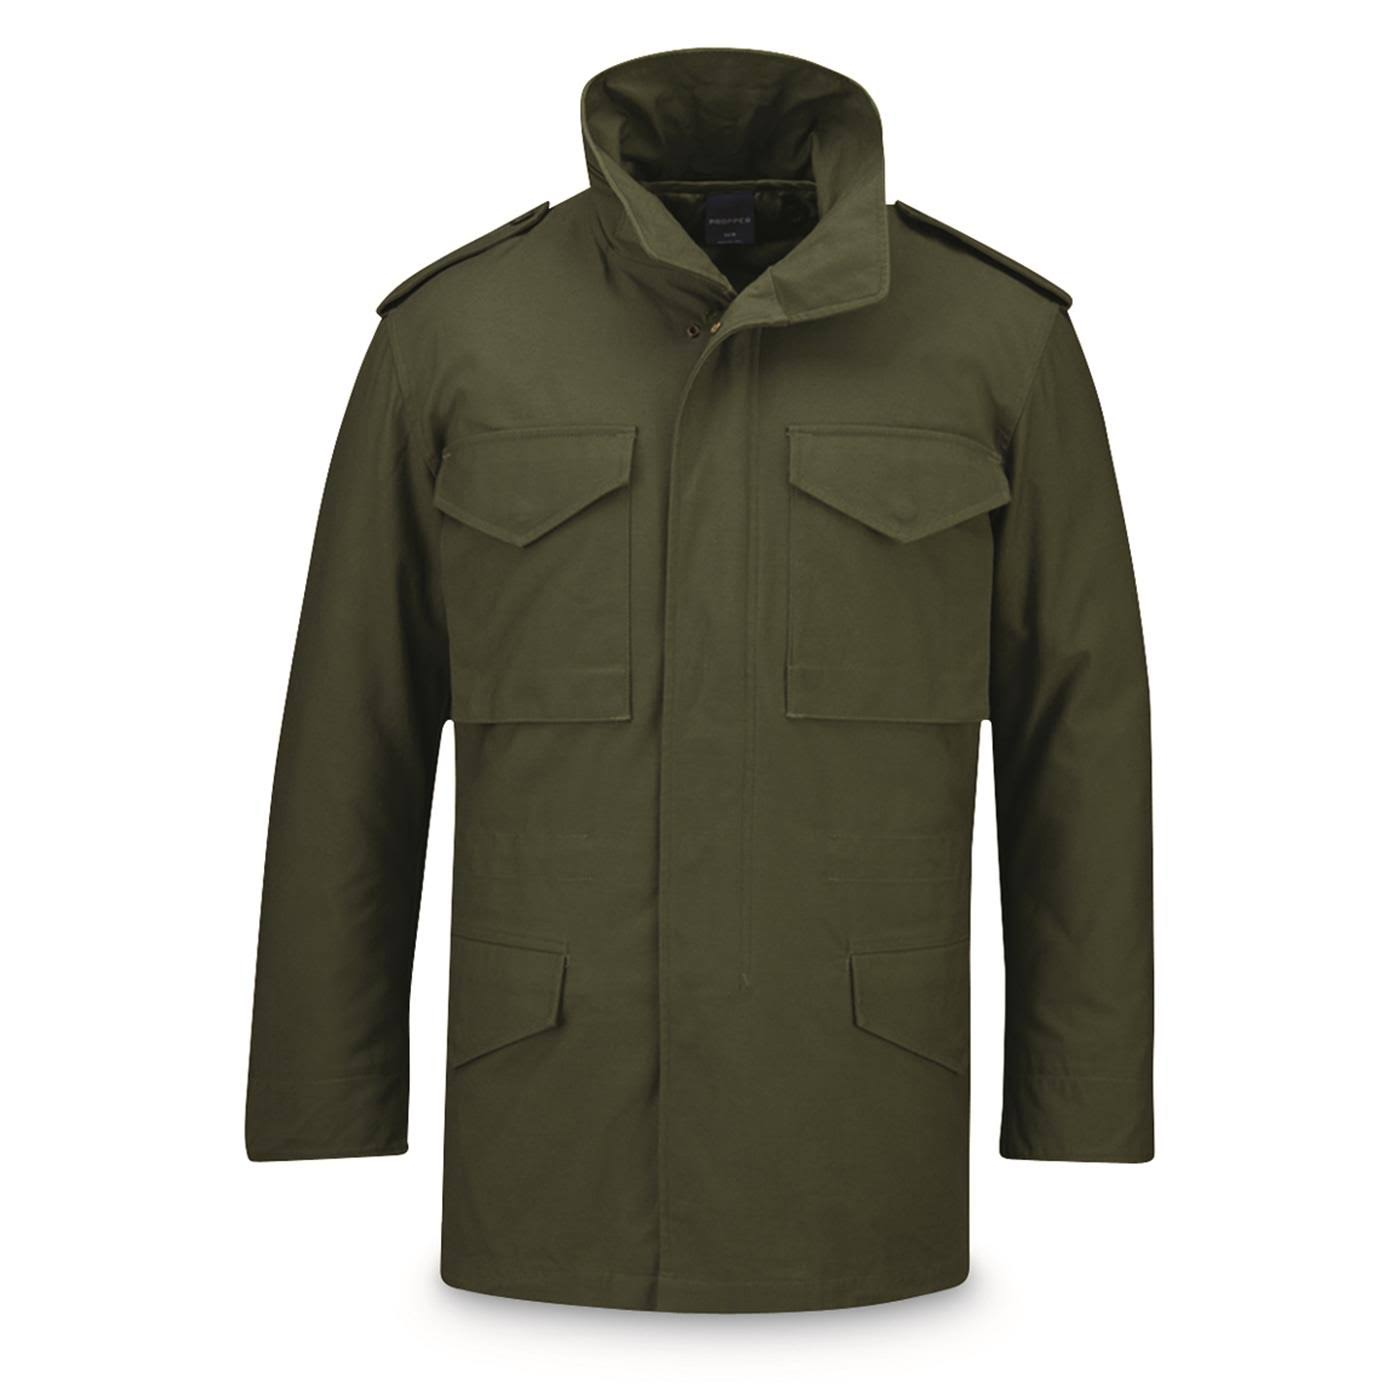 Coat Propper Field M65 Olivgrün Mpn F548509330s2 S2 nPx6w